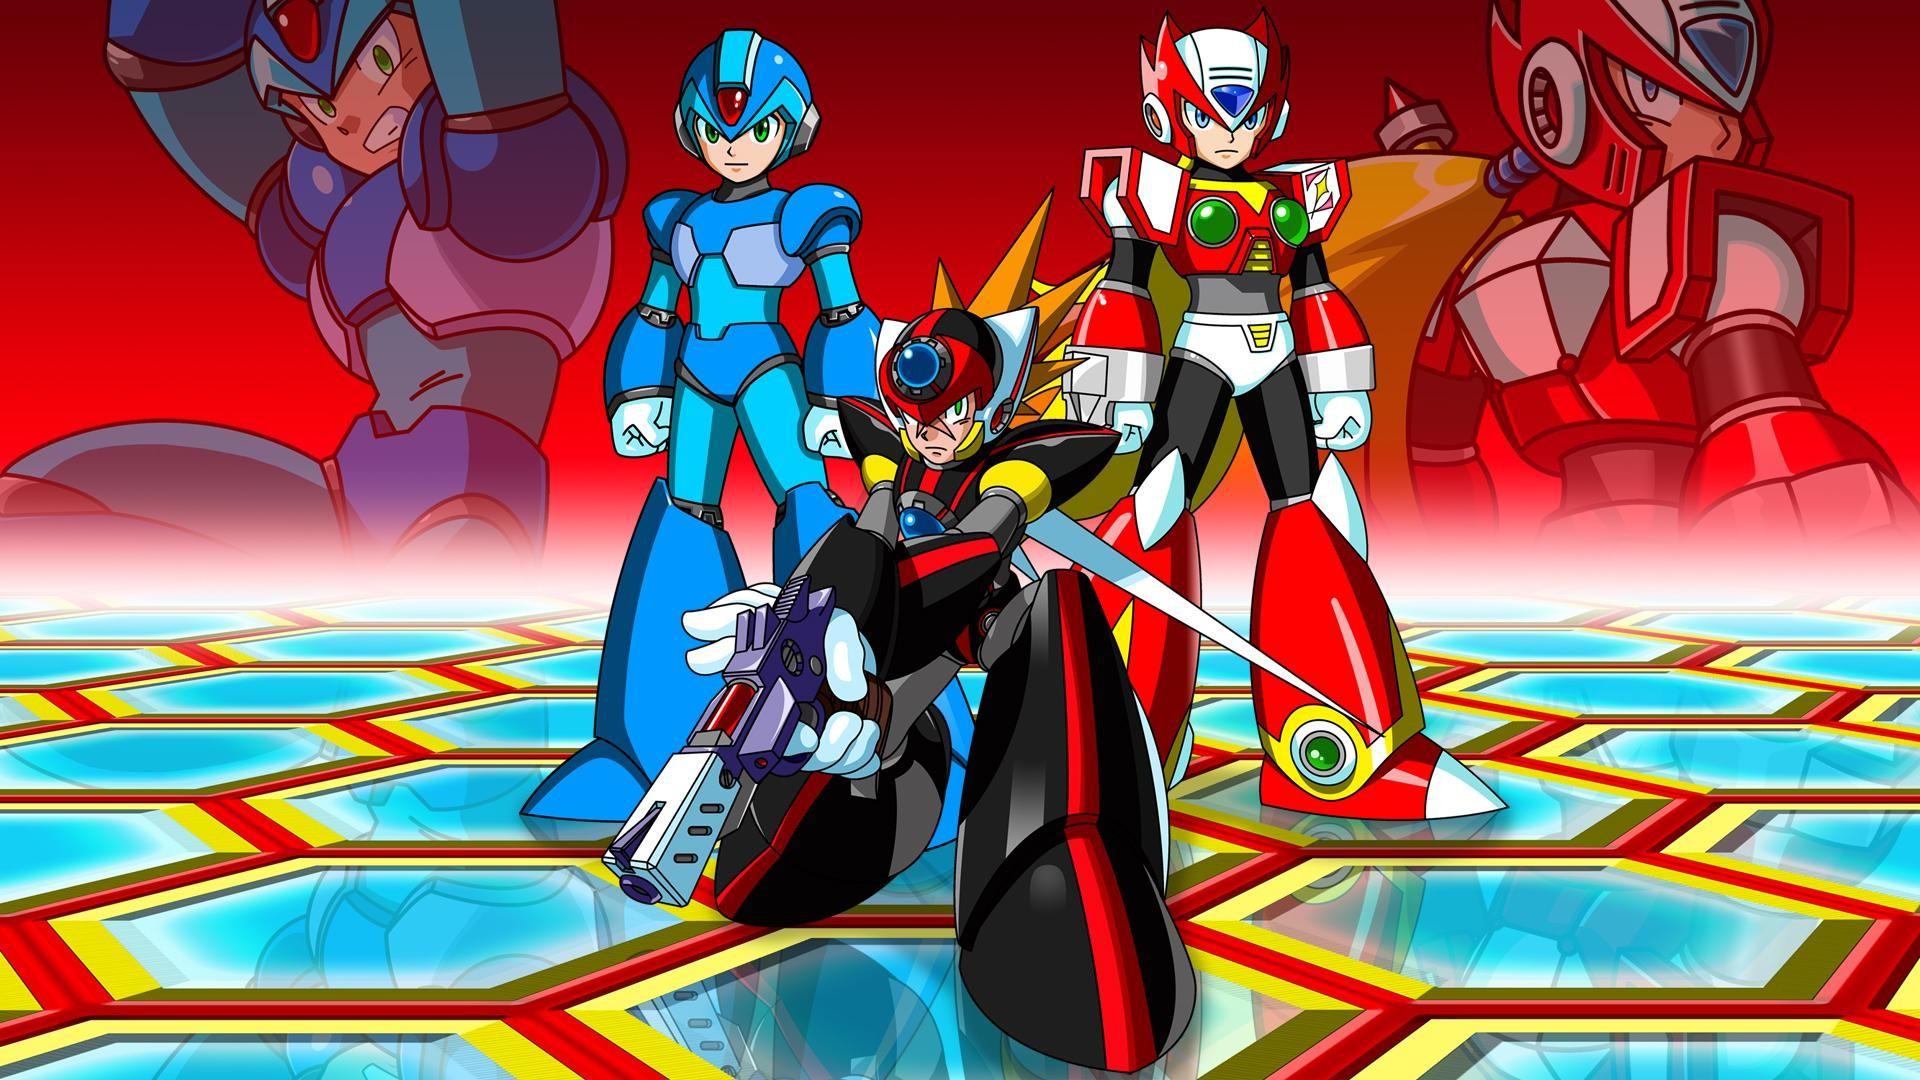 Mega Man X8 Wallpaper